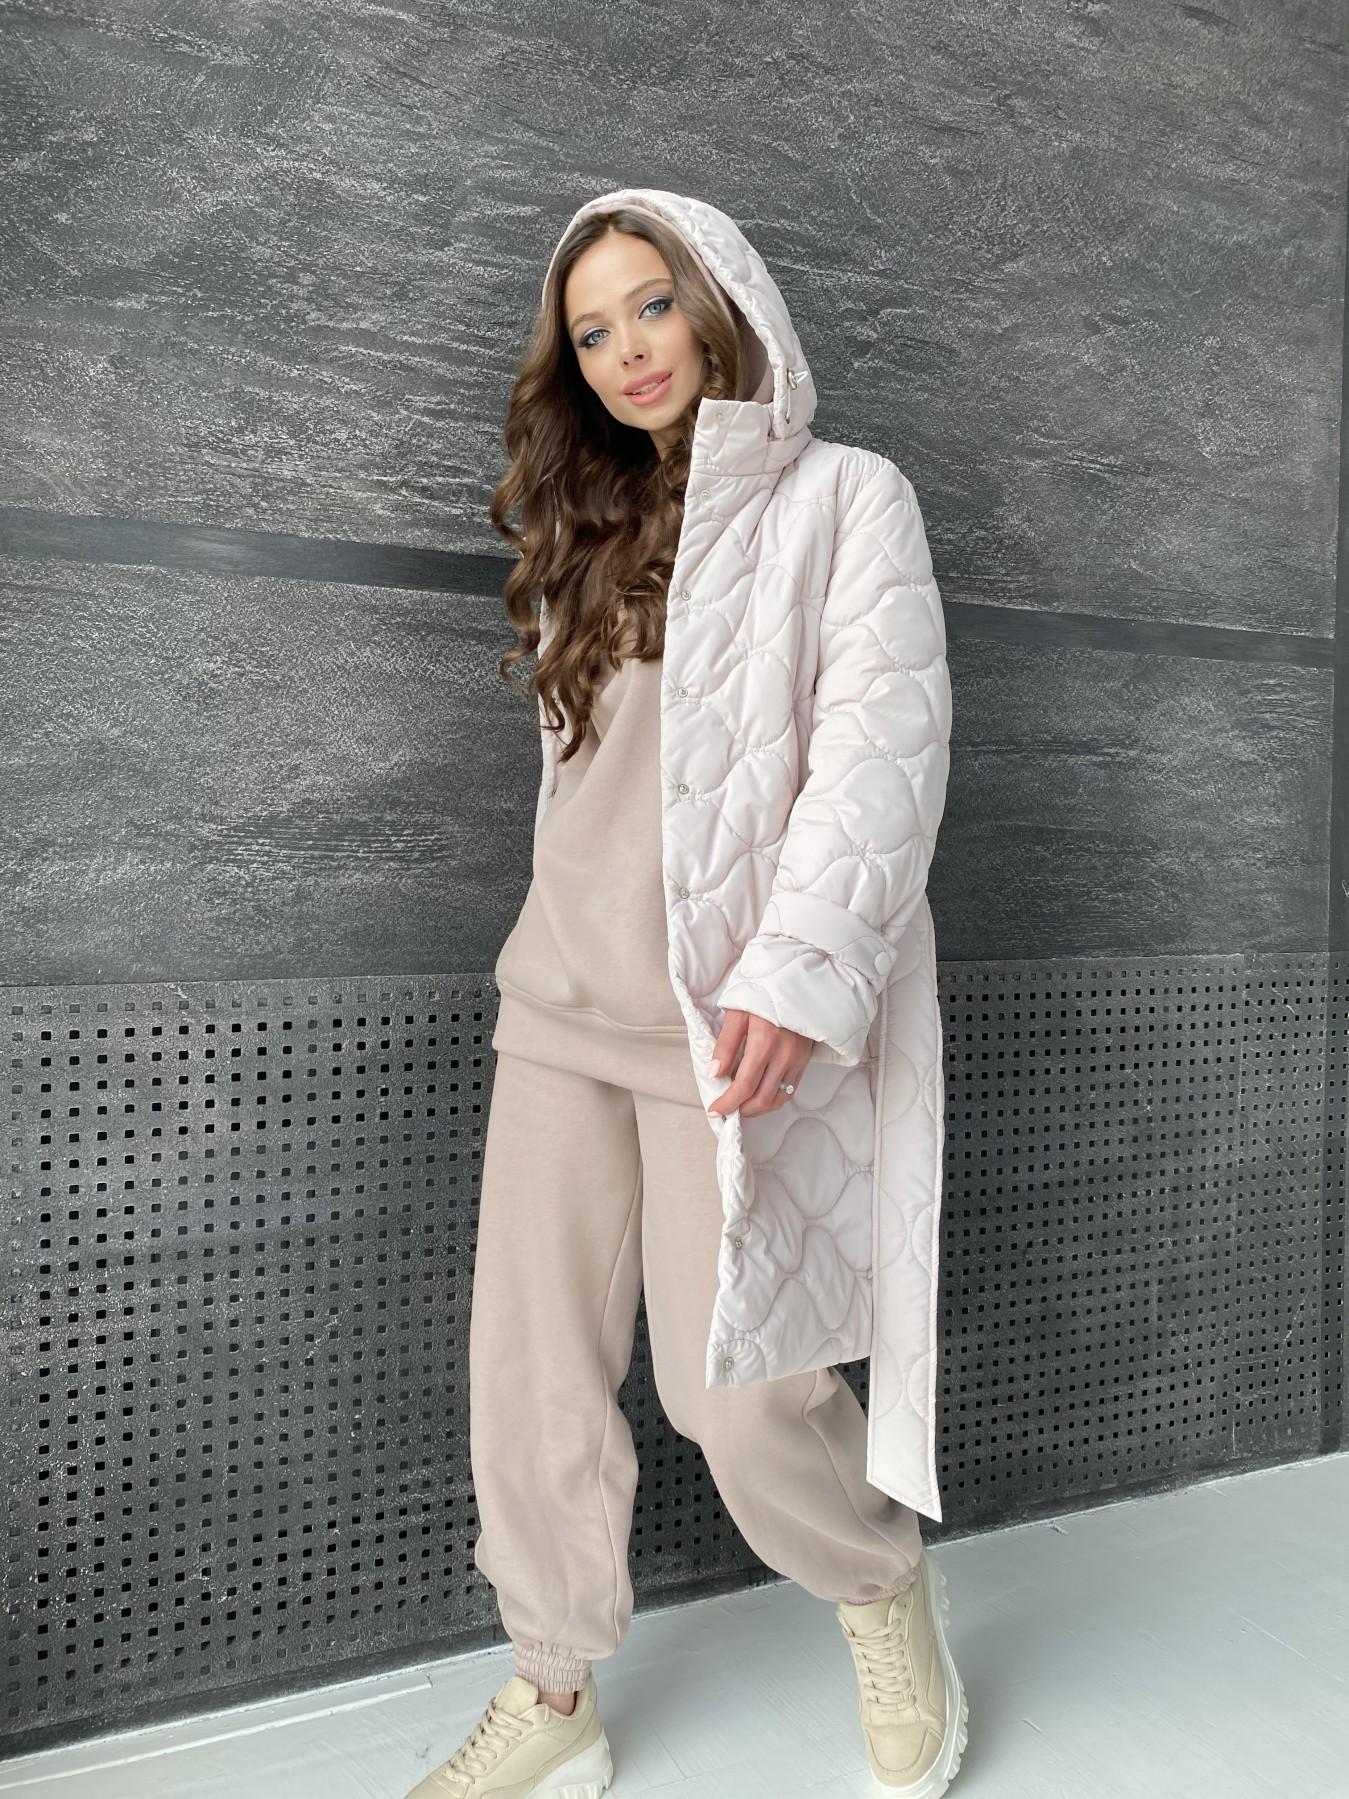 Виза ЗИГЗАГ стеганая куртка из плащевой ткани 11016 АРТ. 47517 Цвет: Бежевый 970 - фото 3, интернет магазин tm-modus.ru